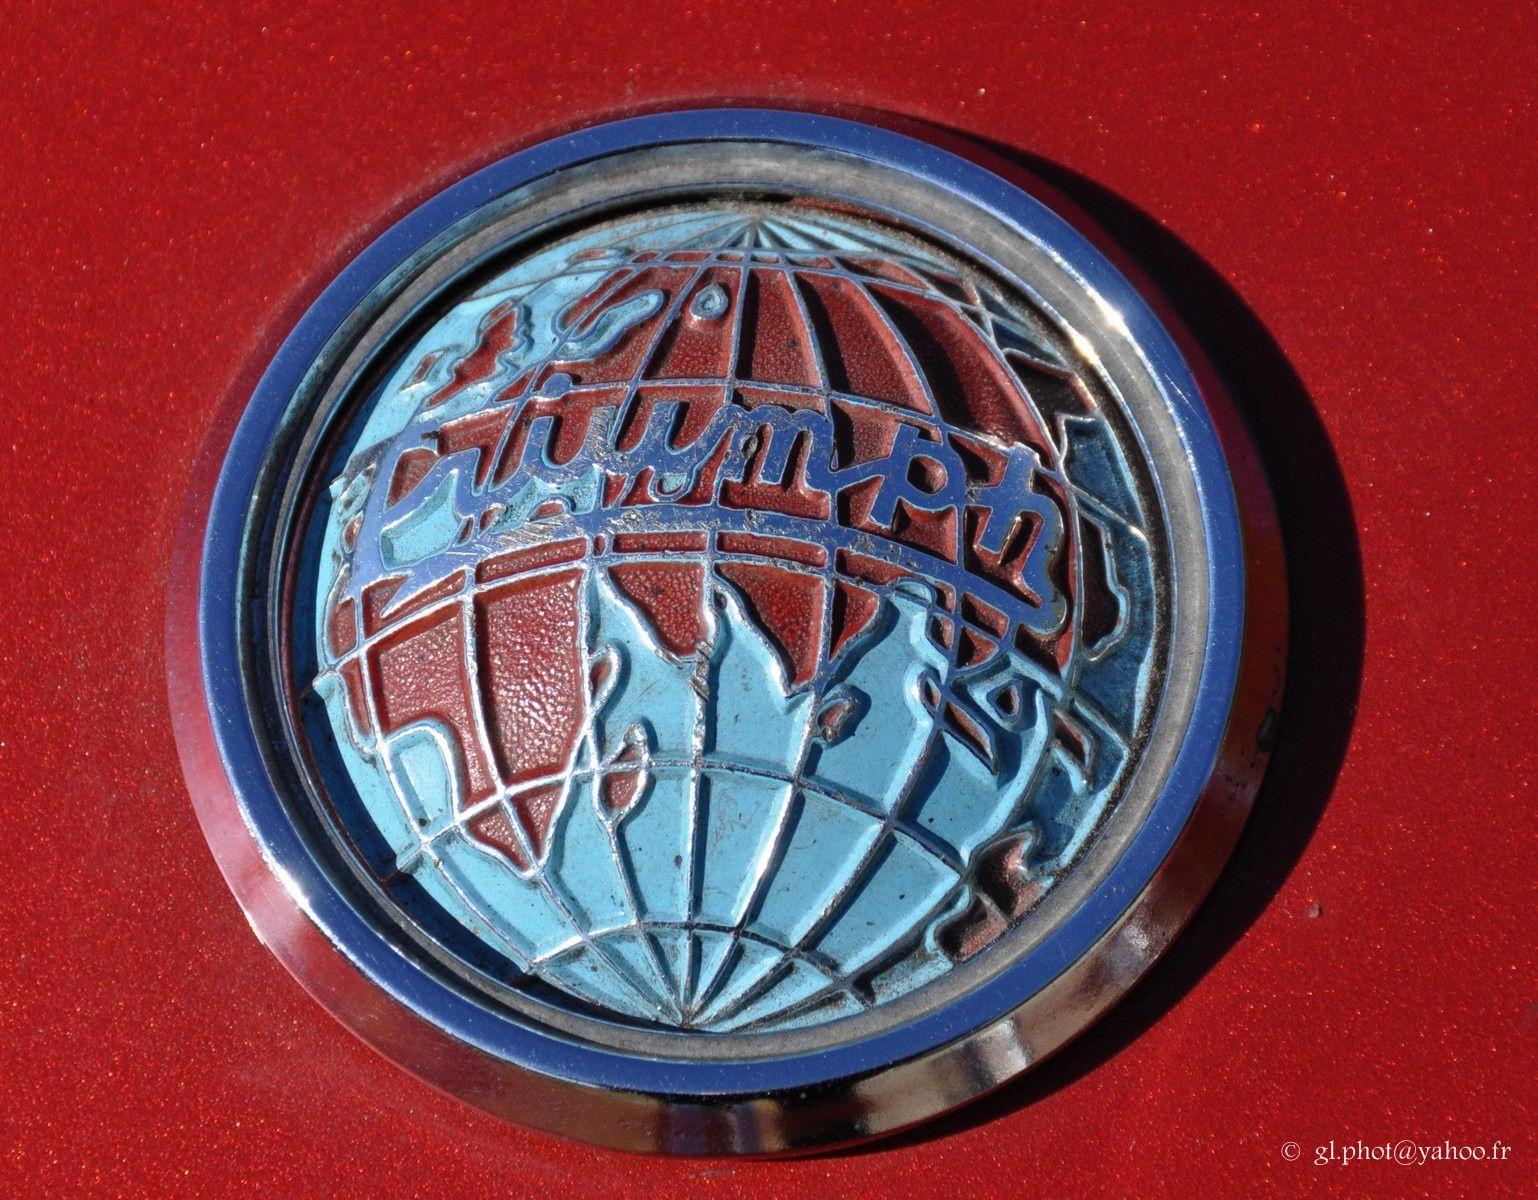 Exposition de voitures anciennes à Maisons Lafitte / Triumph  -  TR 4 A - IRS - 1967